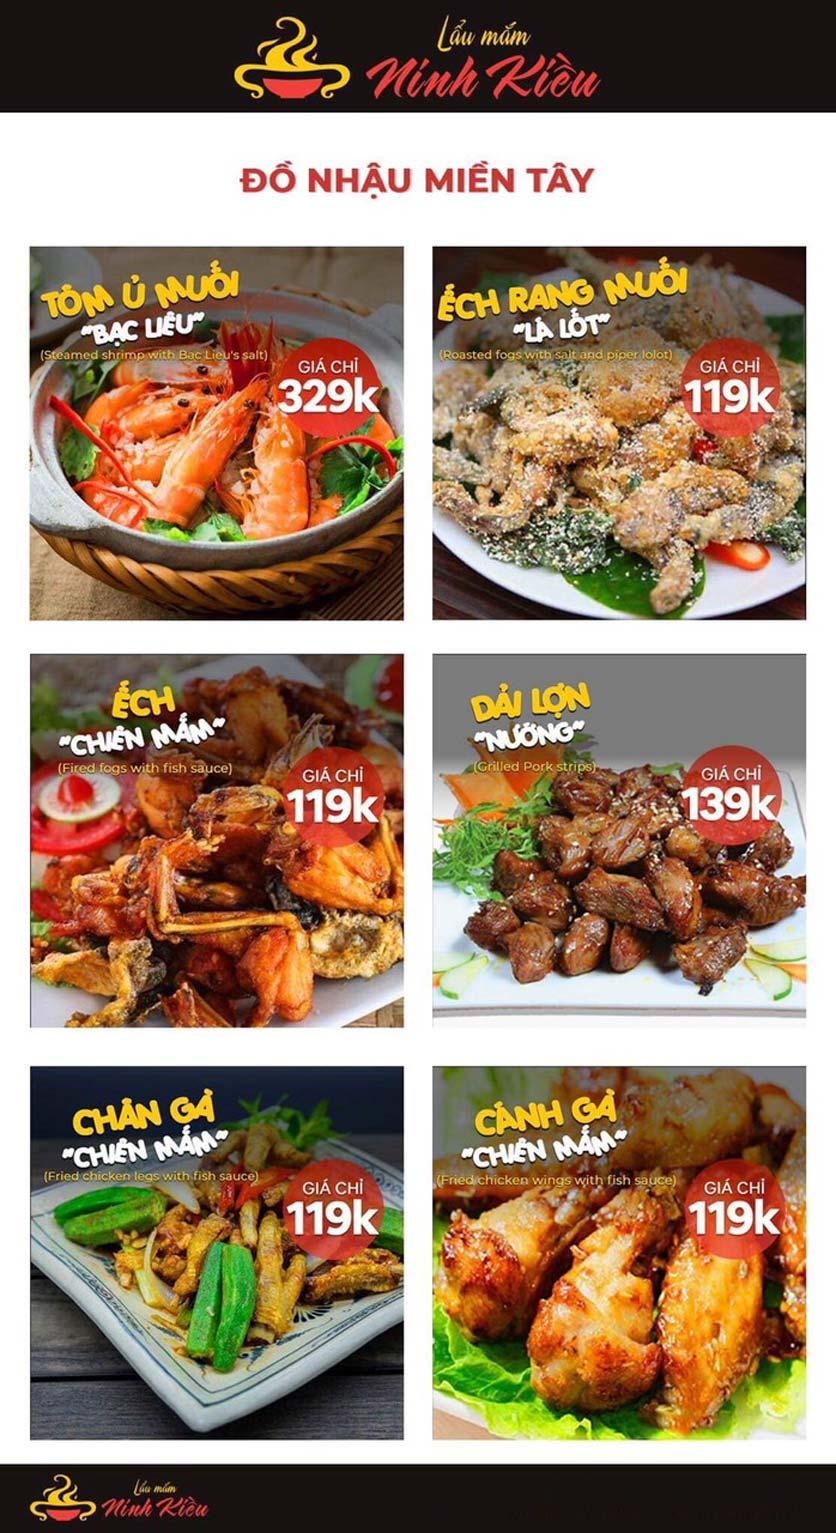 Menu Lẩu Mắm Ninh Kiều - Hàng Bún 11